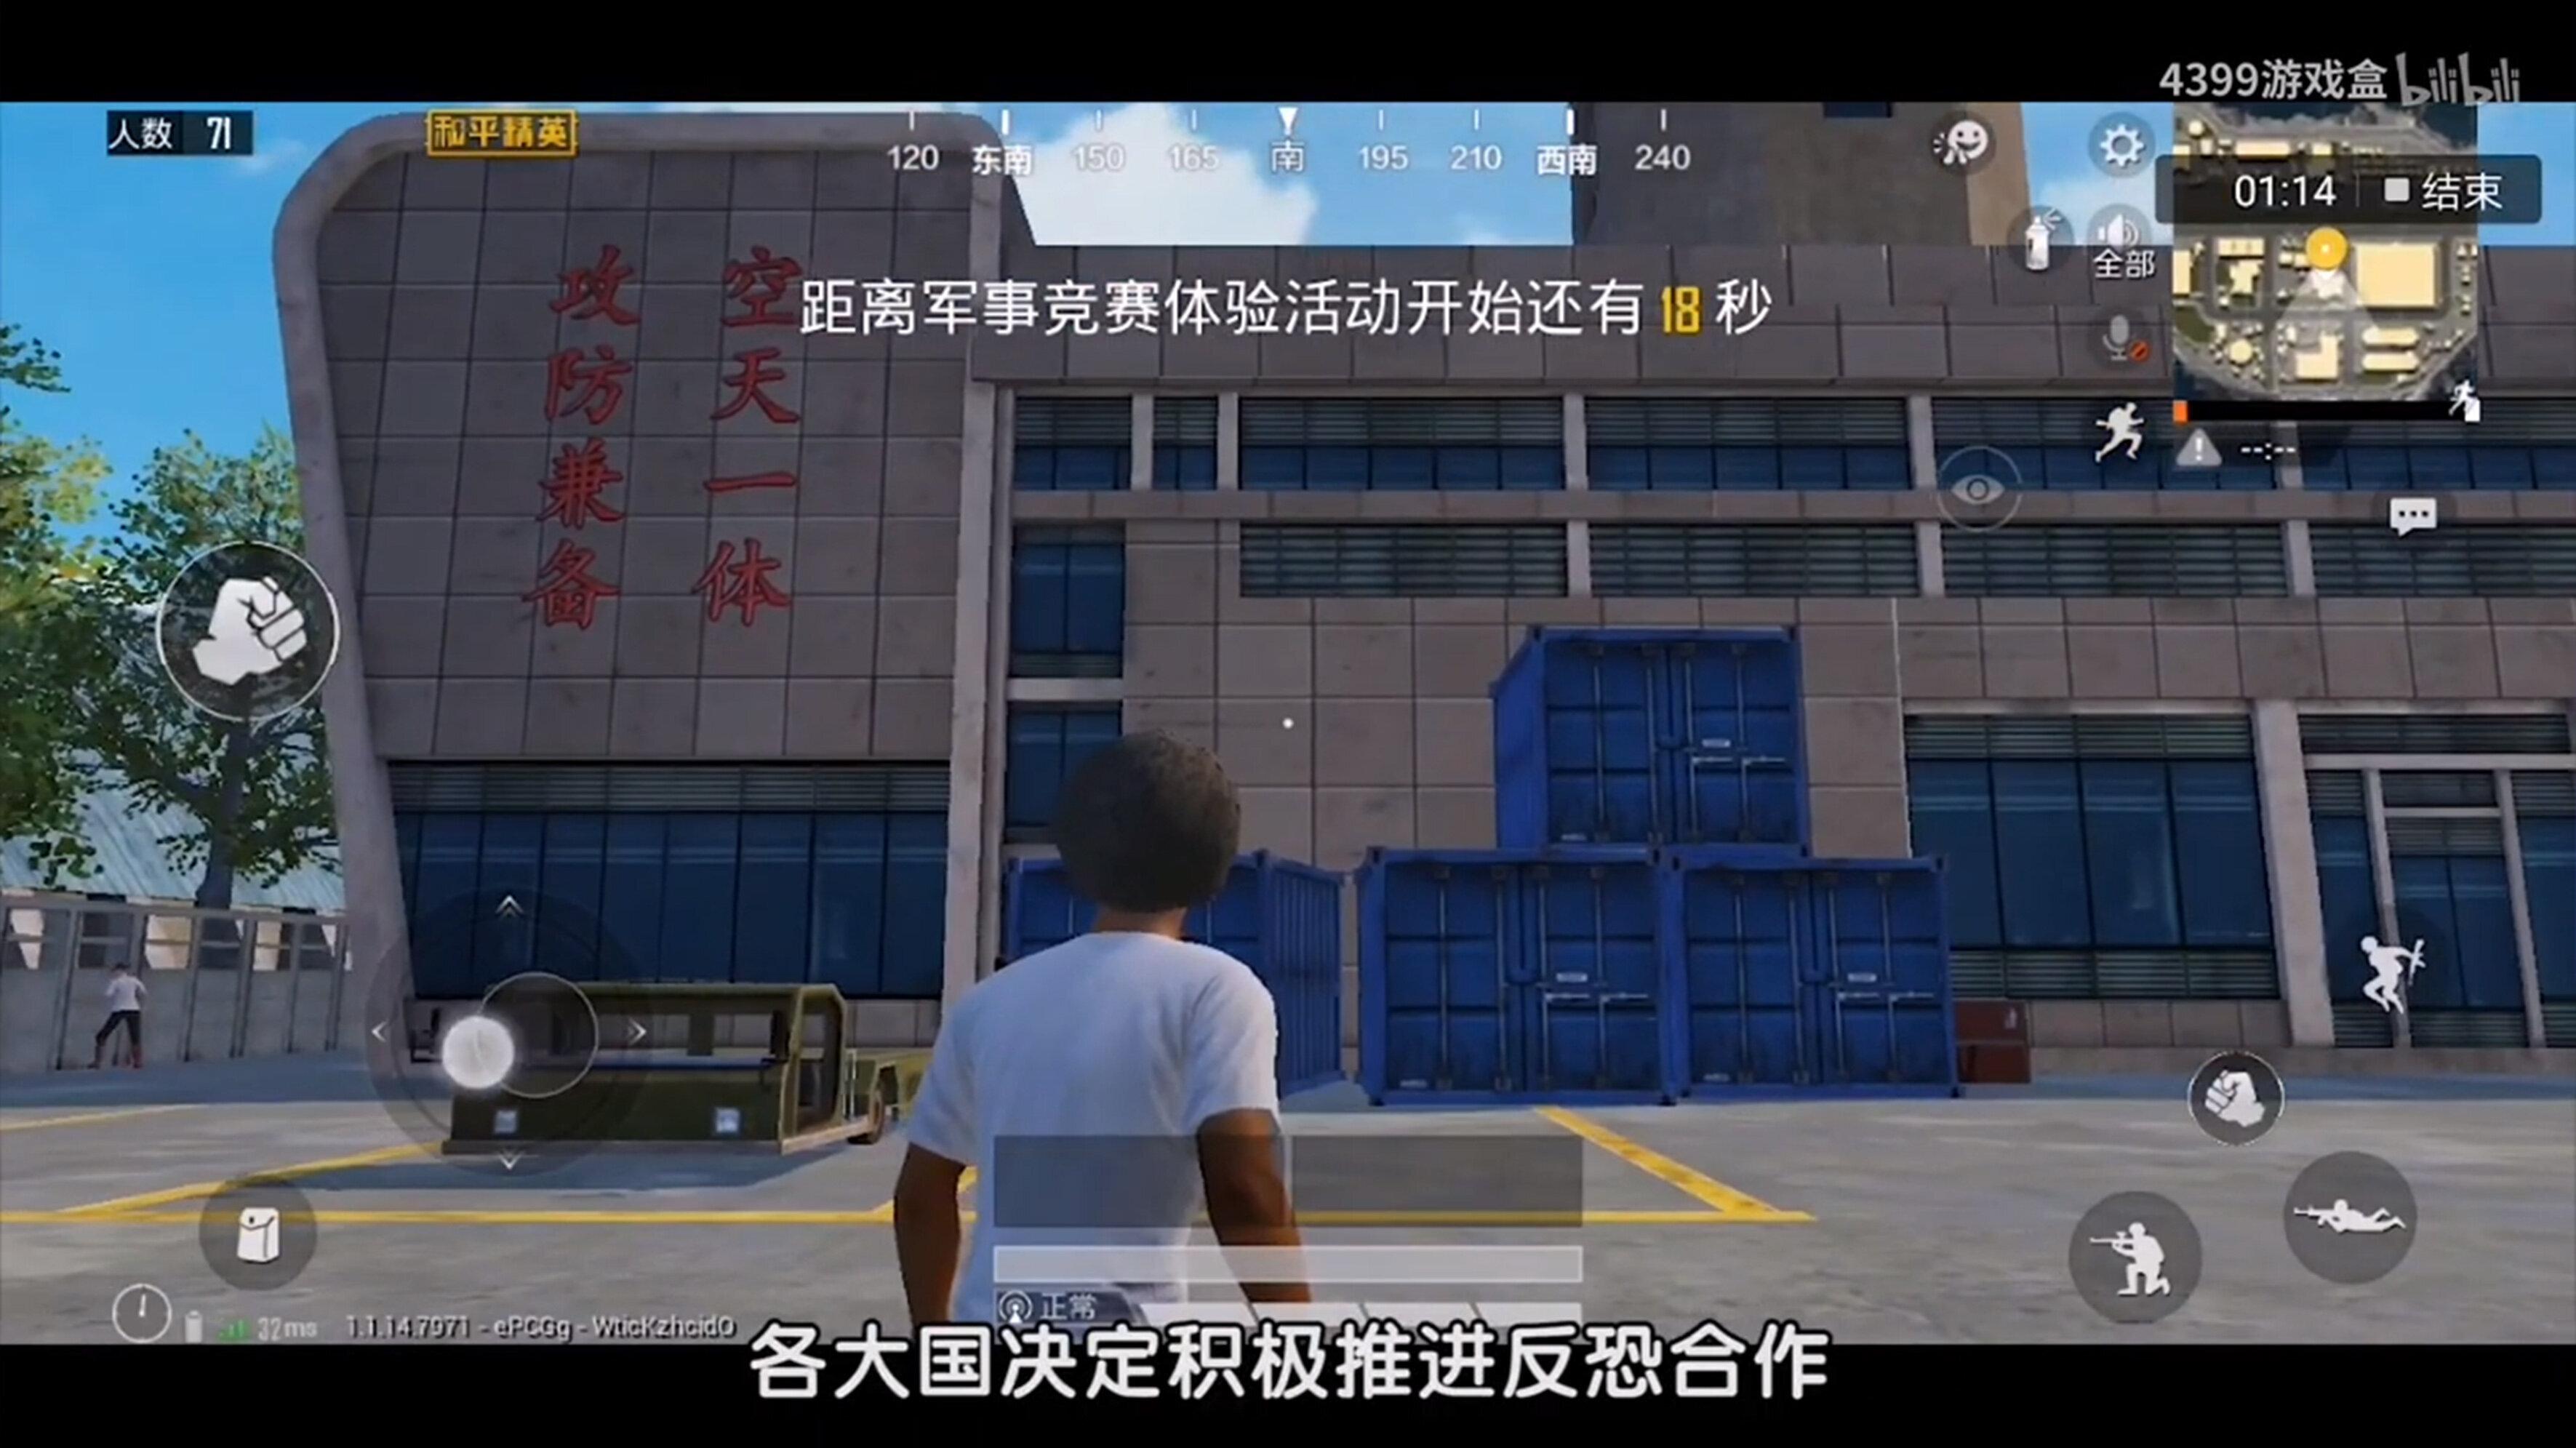 遊戲背景,從大逃殺變成了中國國防演習。